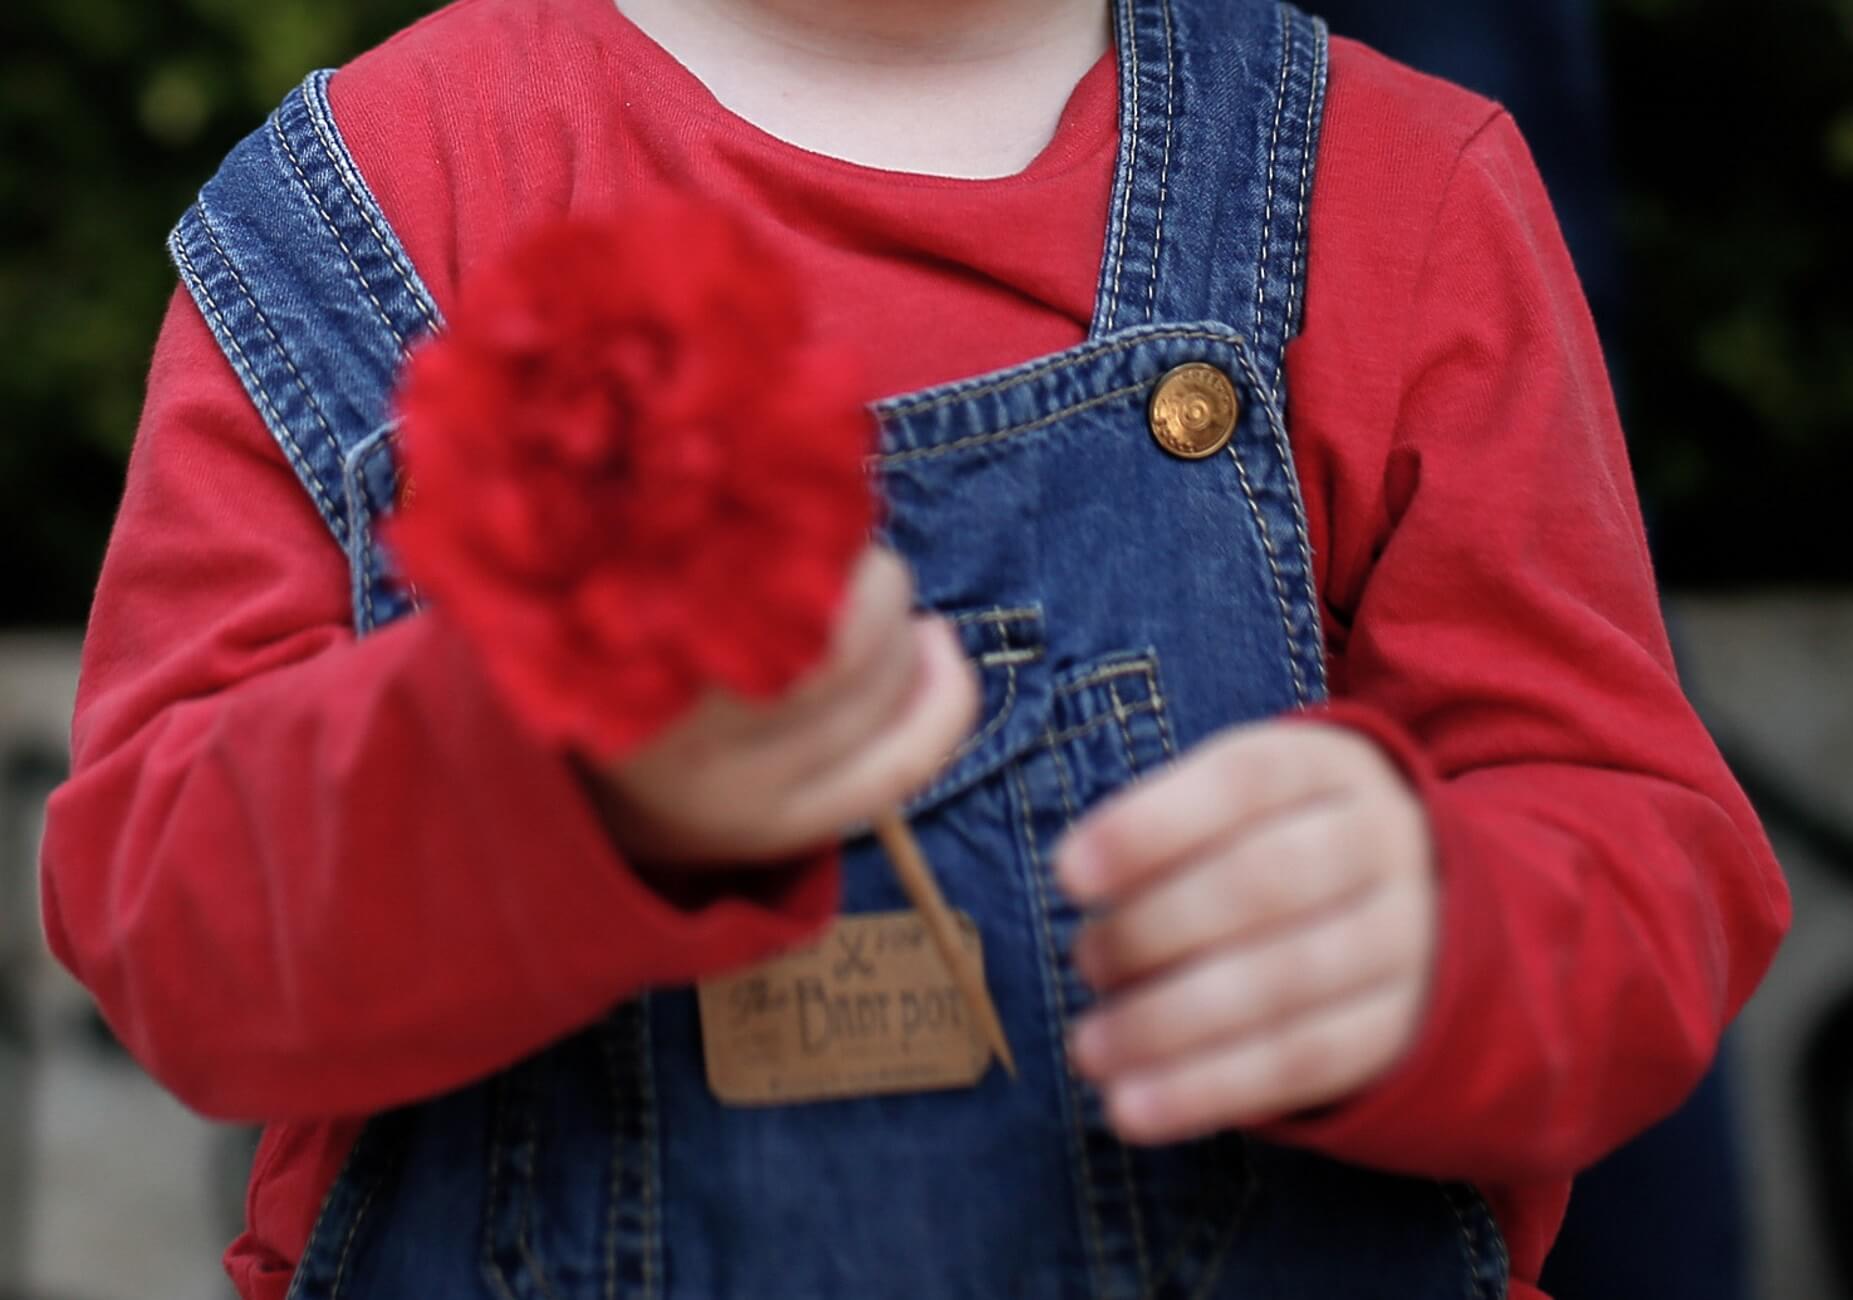 Θήβα: Αισιοδοξία για την 8χρονη Αλεξία – Πλησιάζουν εκείνους που έριξαν την αδέσποτη σφαίρα!